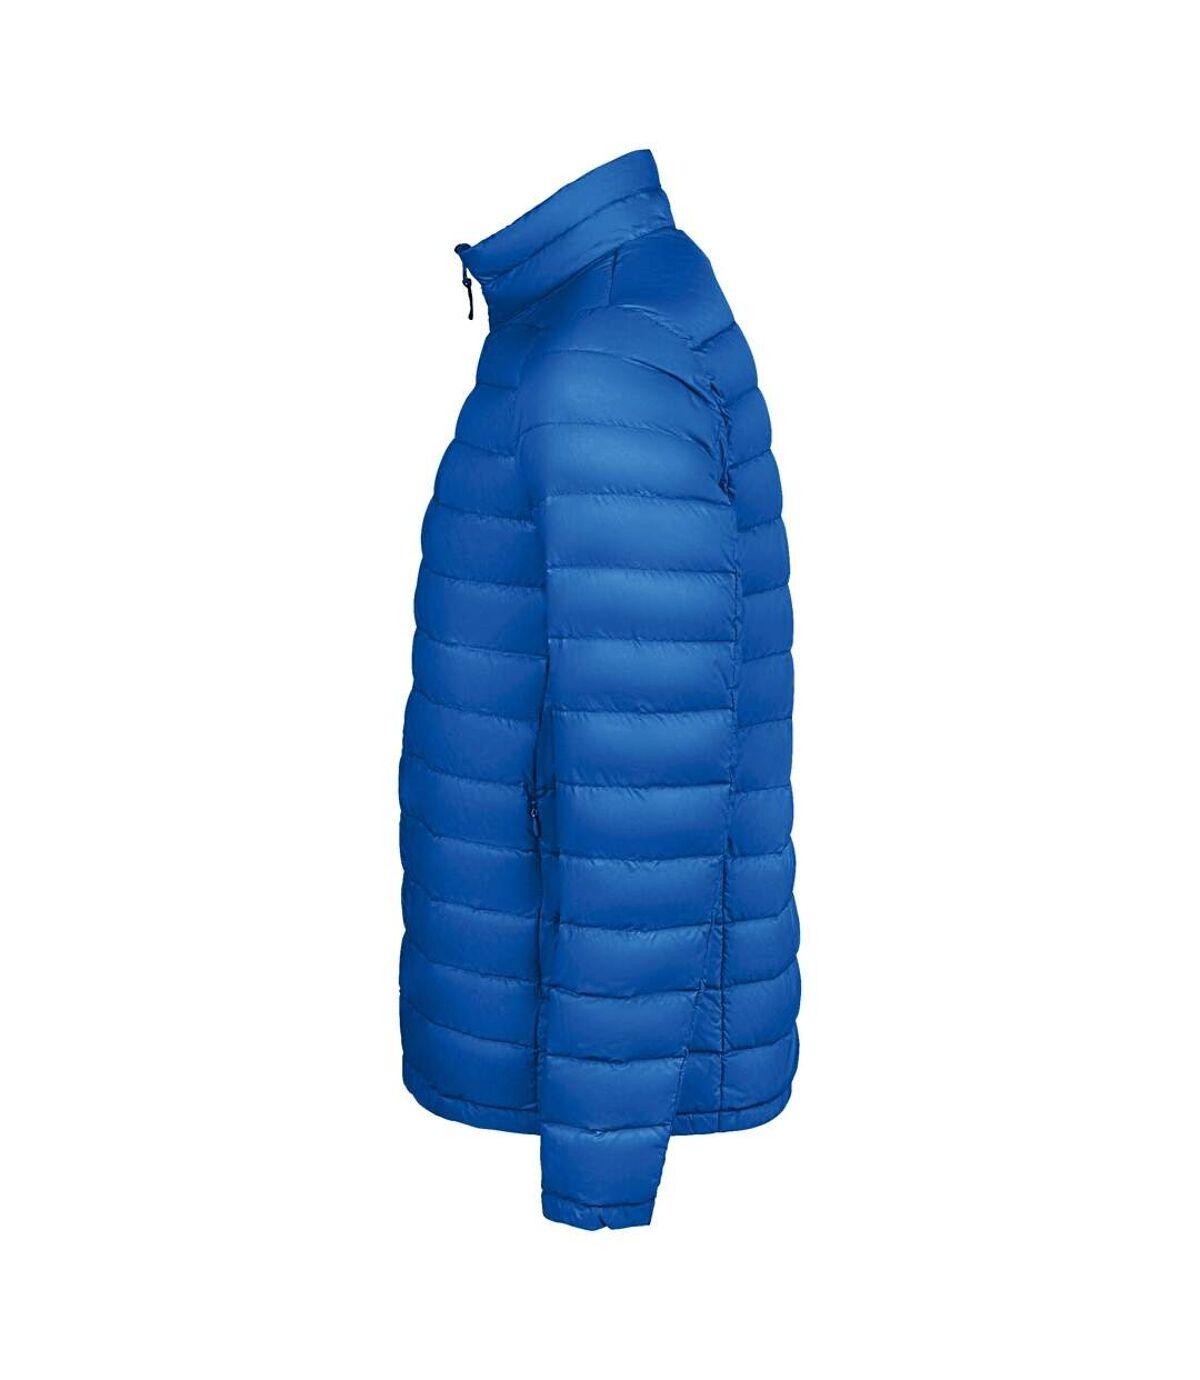 SOLS Mens Wilson Lightweight Padded Jacket (Royal Blue) - UTPC3316